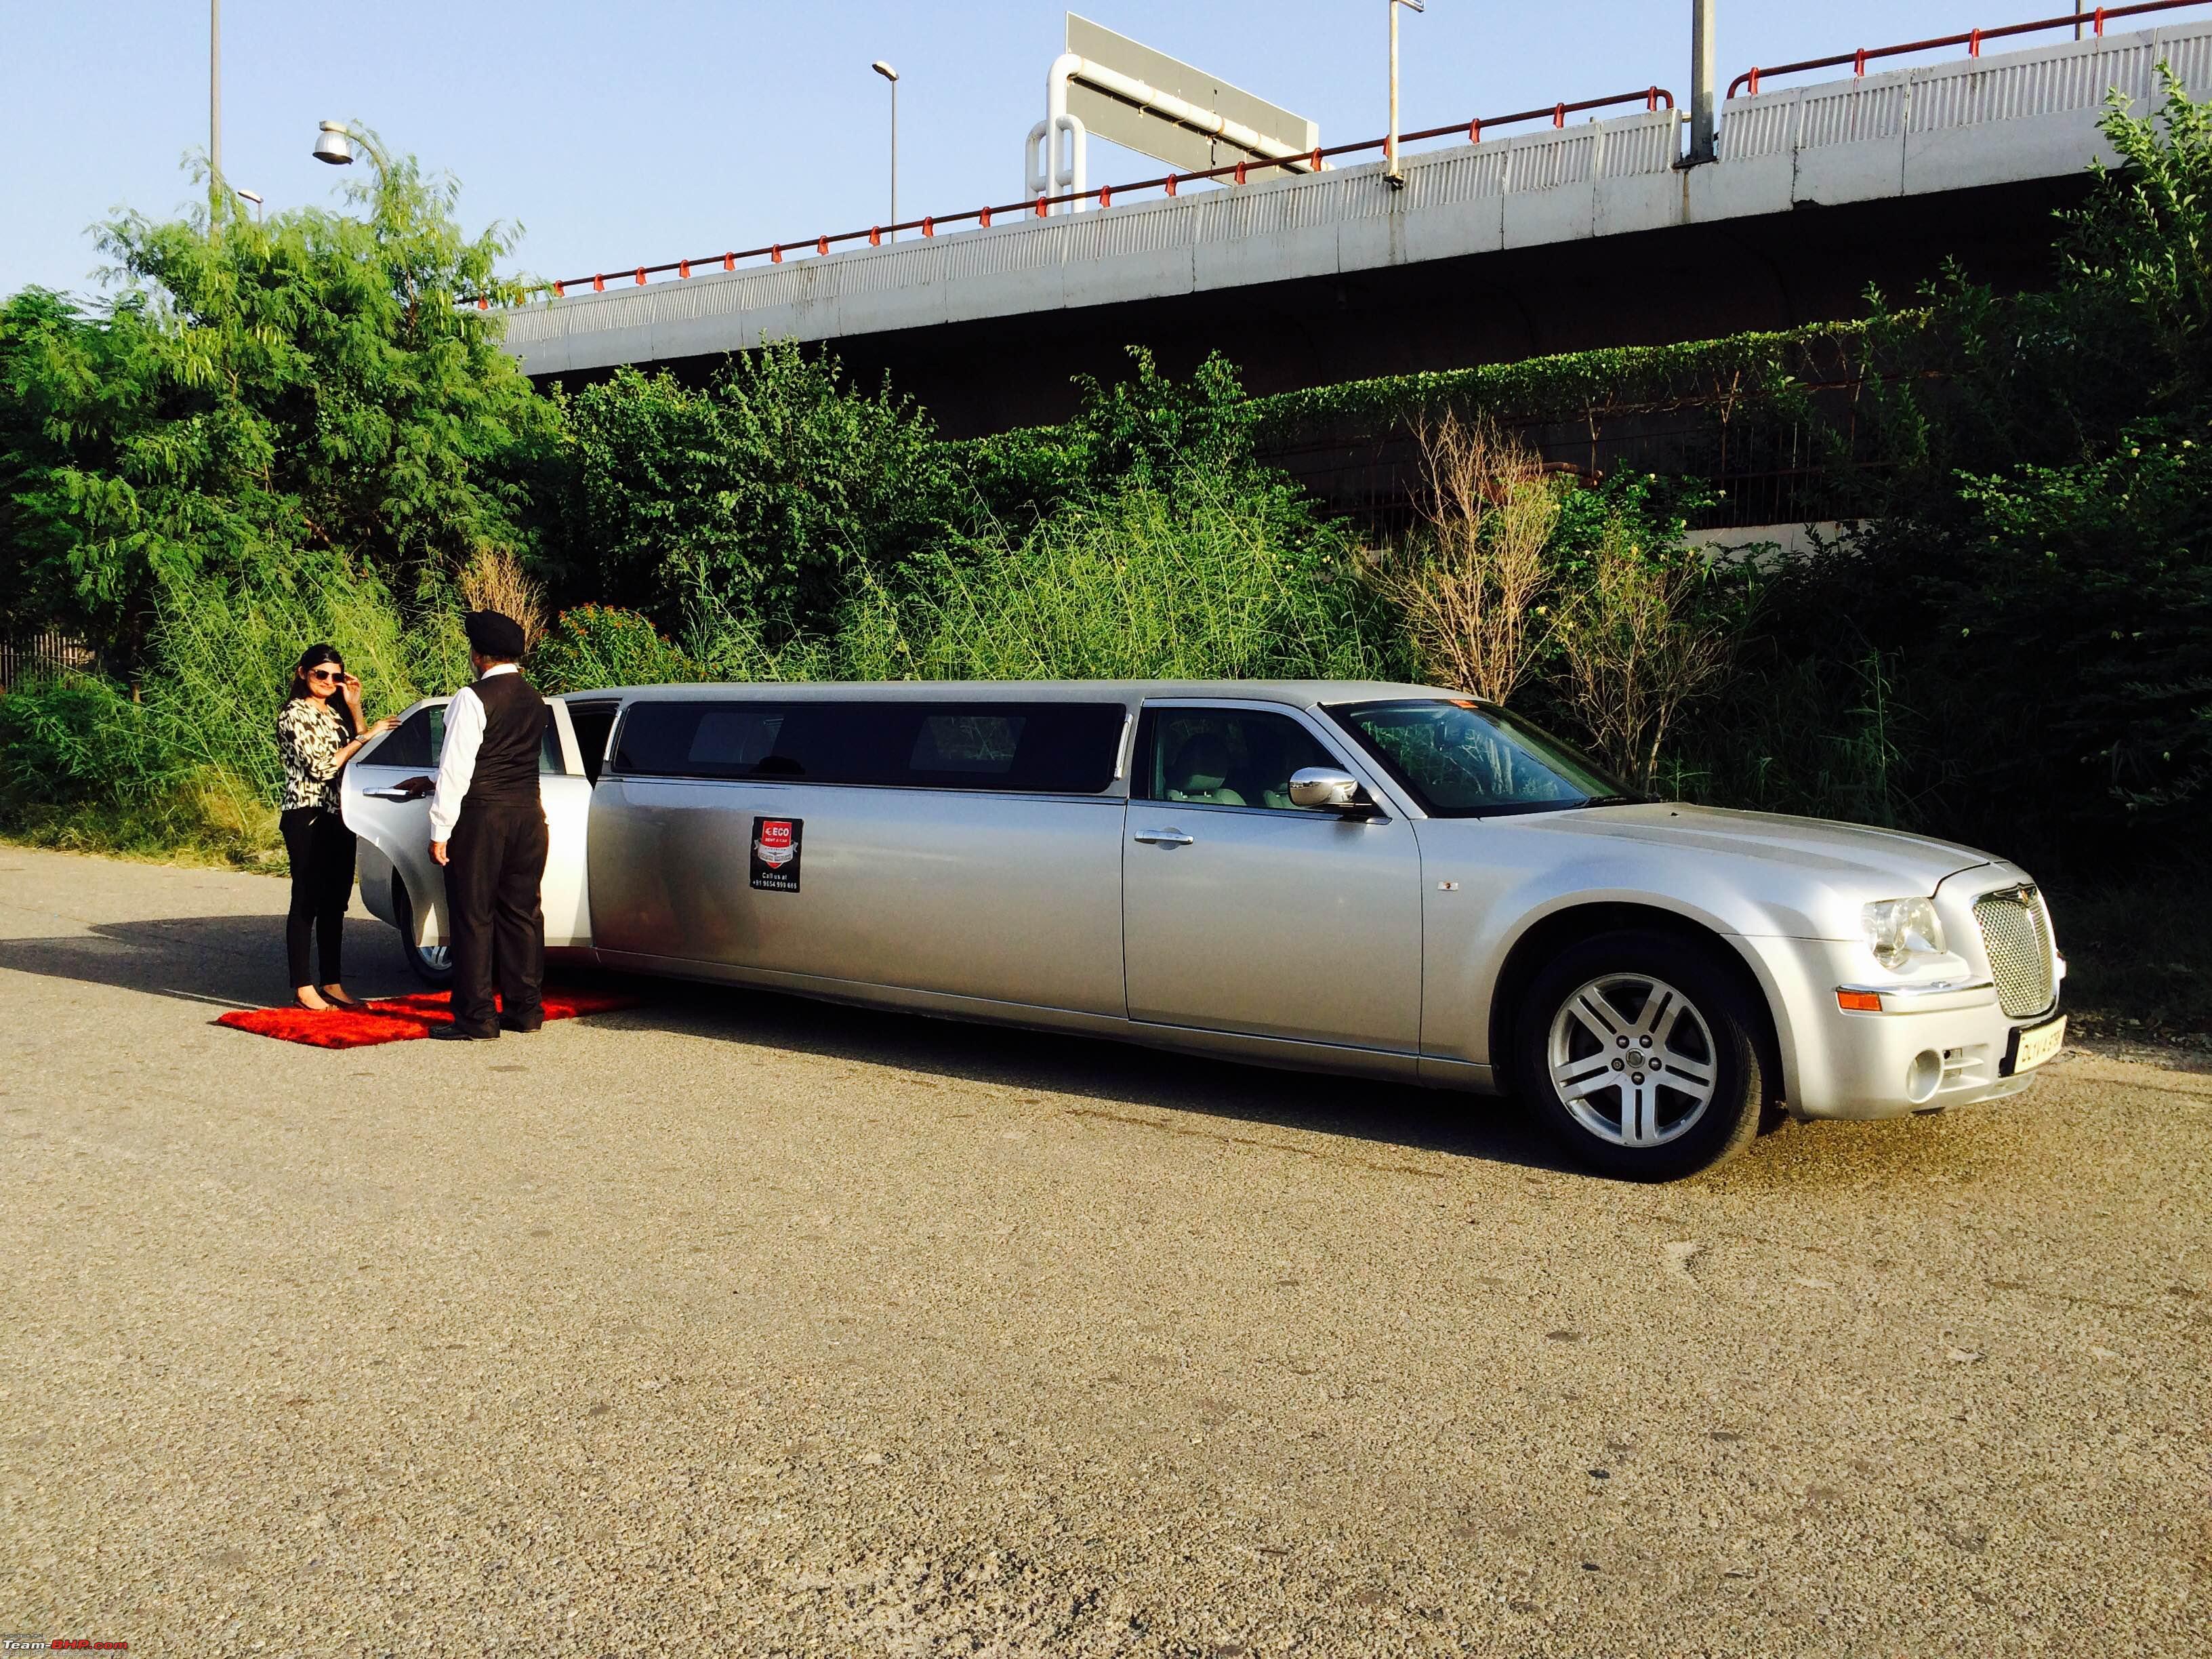 chrysler 300c limousine page 5 team bhp. Black Bedroom Furniture Sets. Home Design Ideas